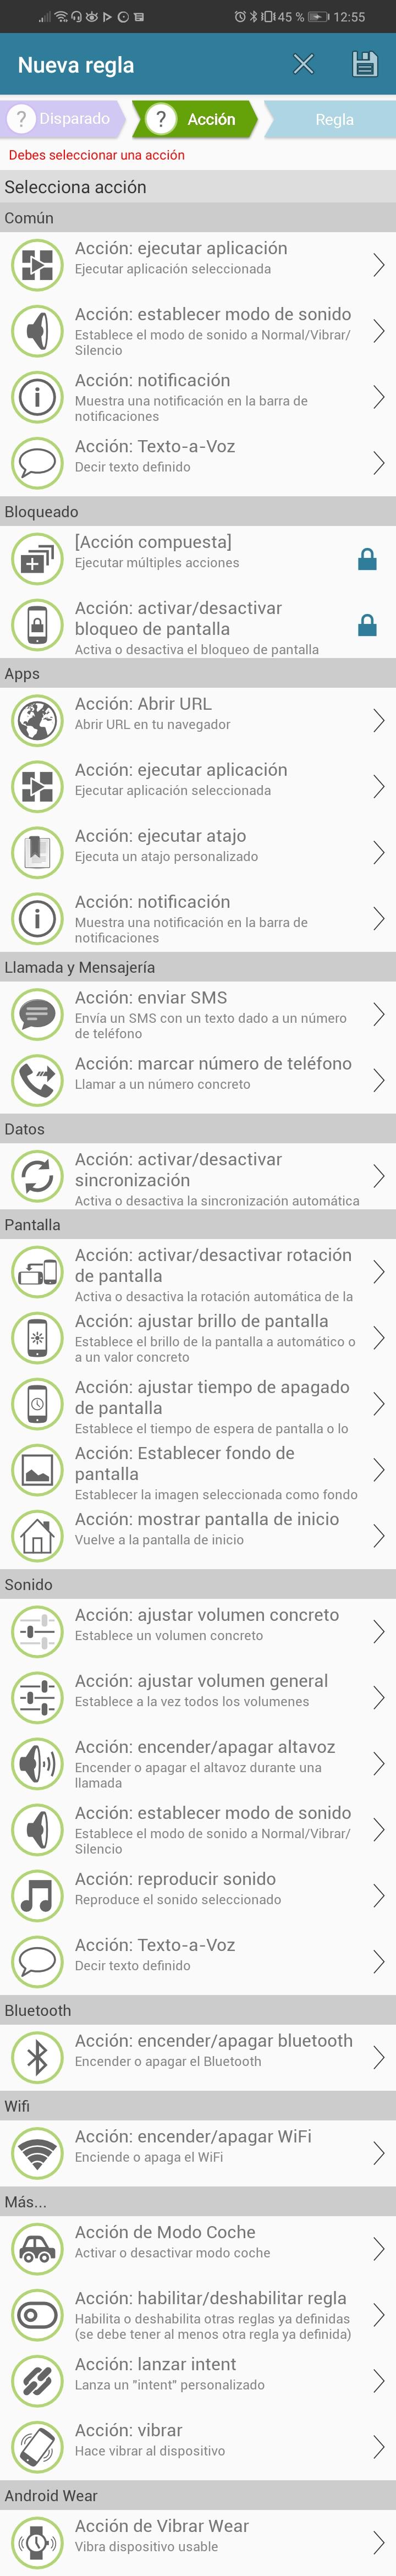 Acciones que se pueden usar en AutomateIt